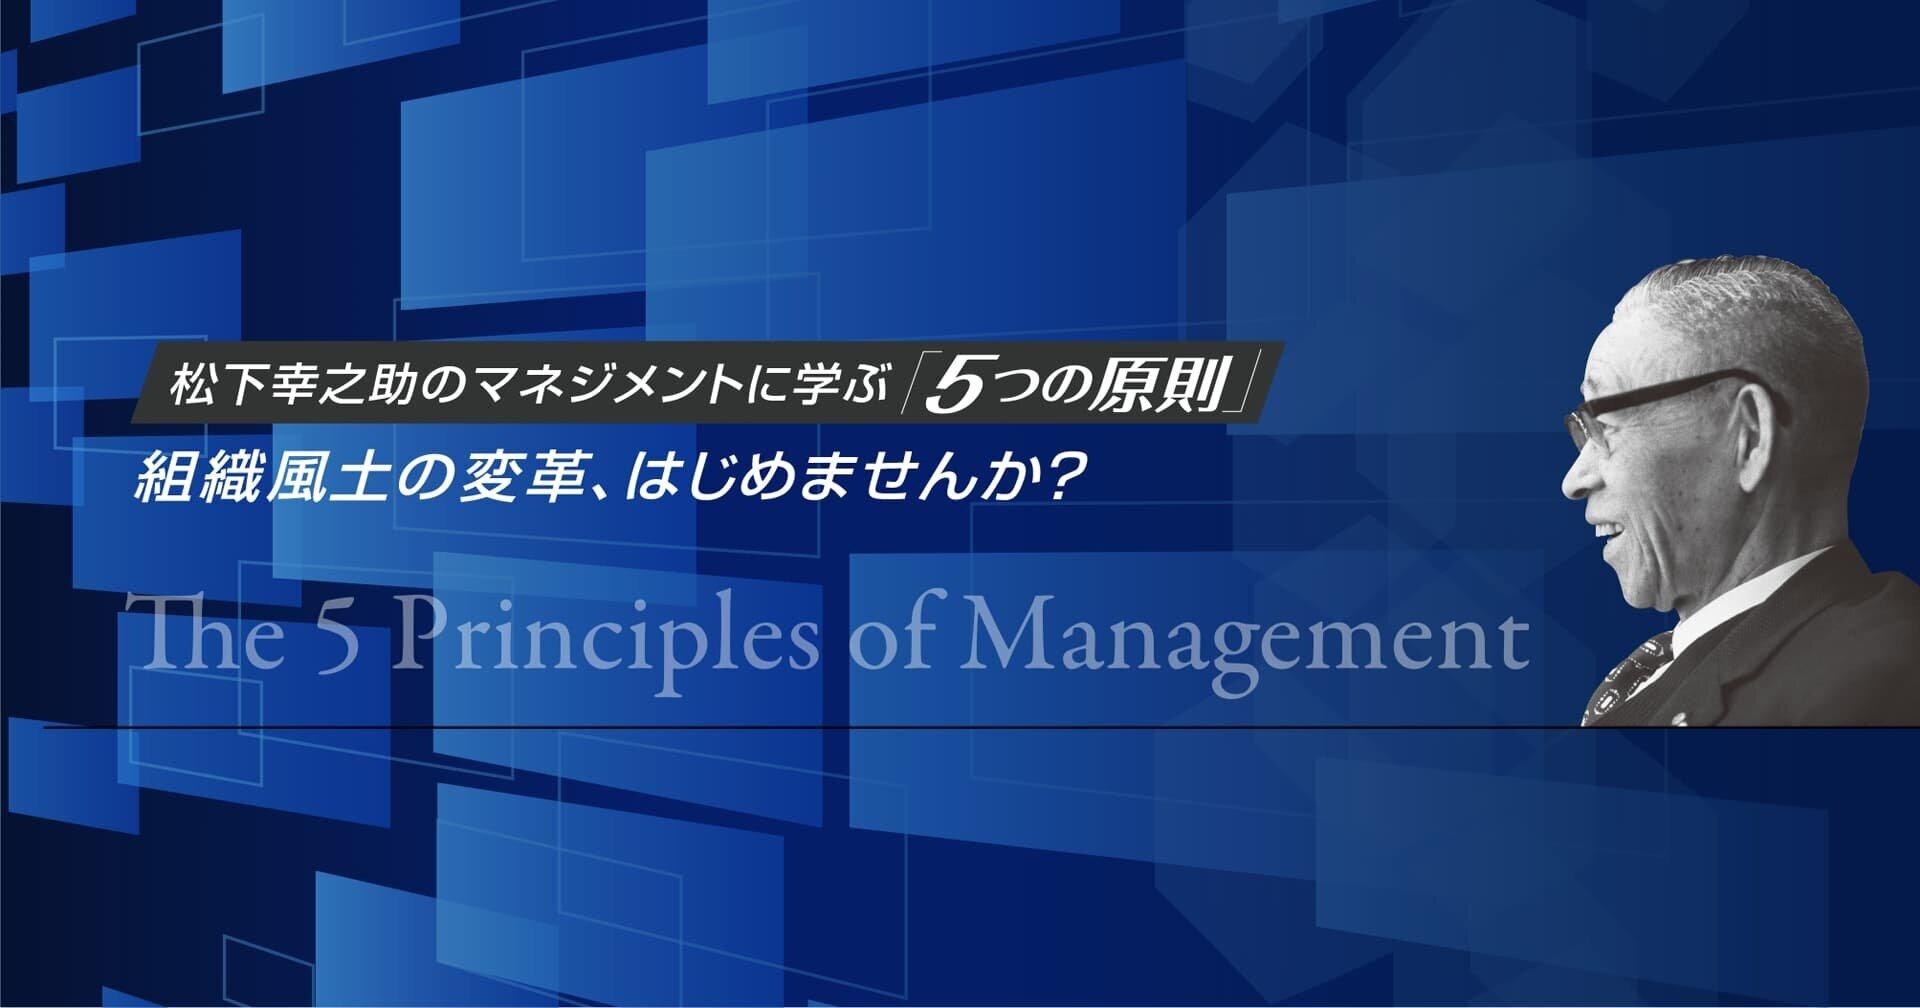 強い現場をつくるための「5つの原則」体験会~オンラインセミナー(参加無料)